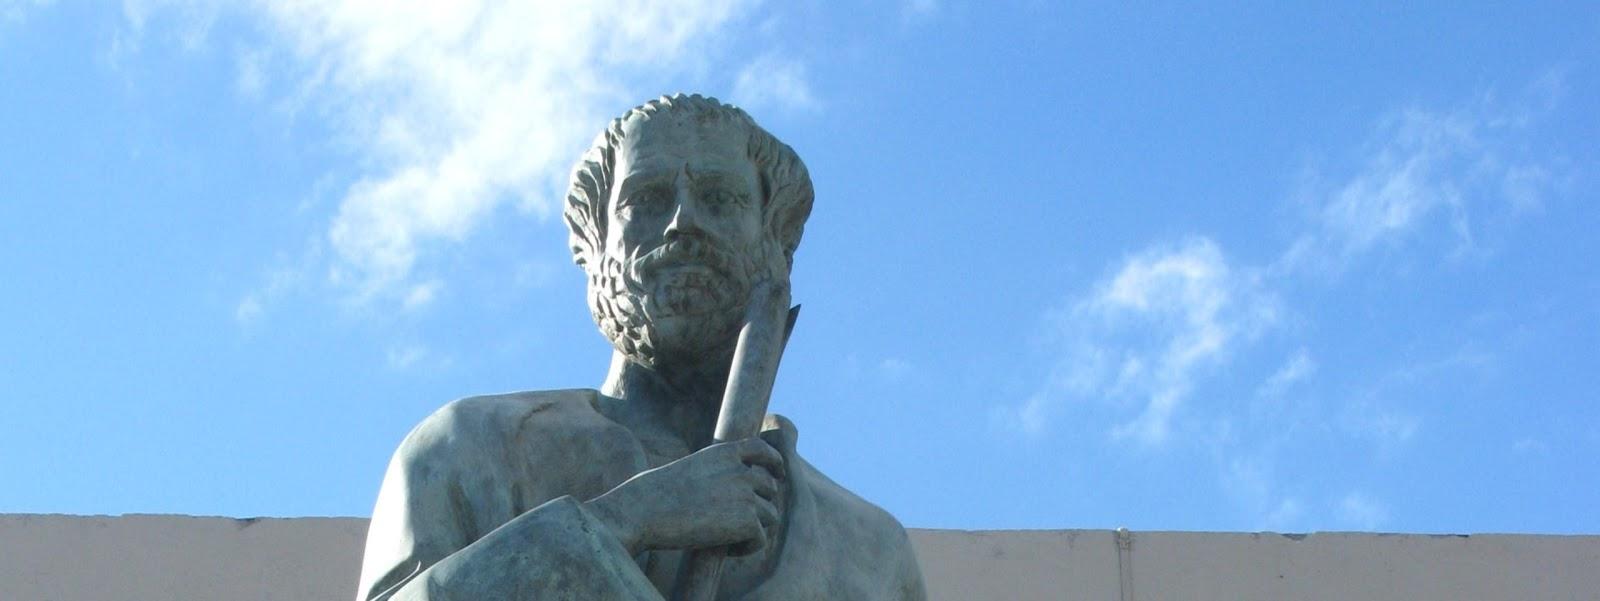 Aristóteles Biografía Frases Celebres Y Libros